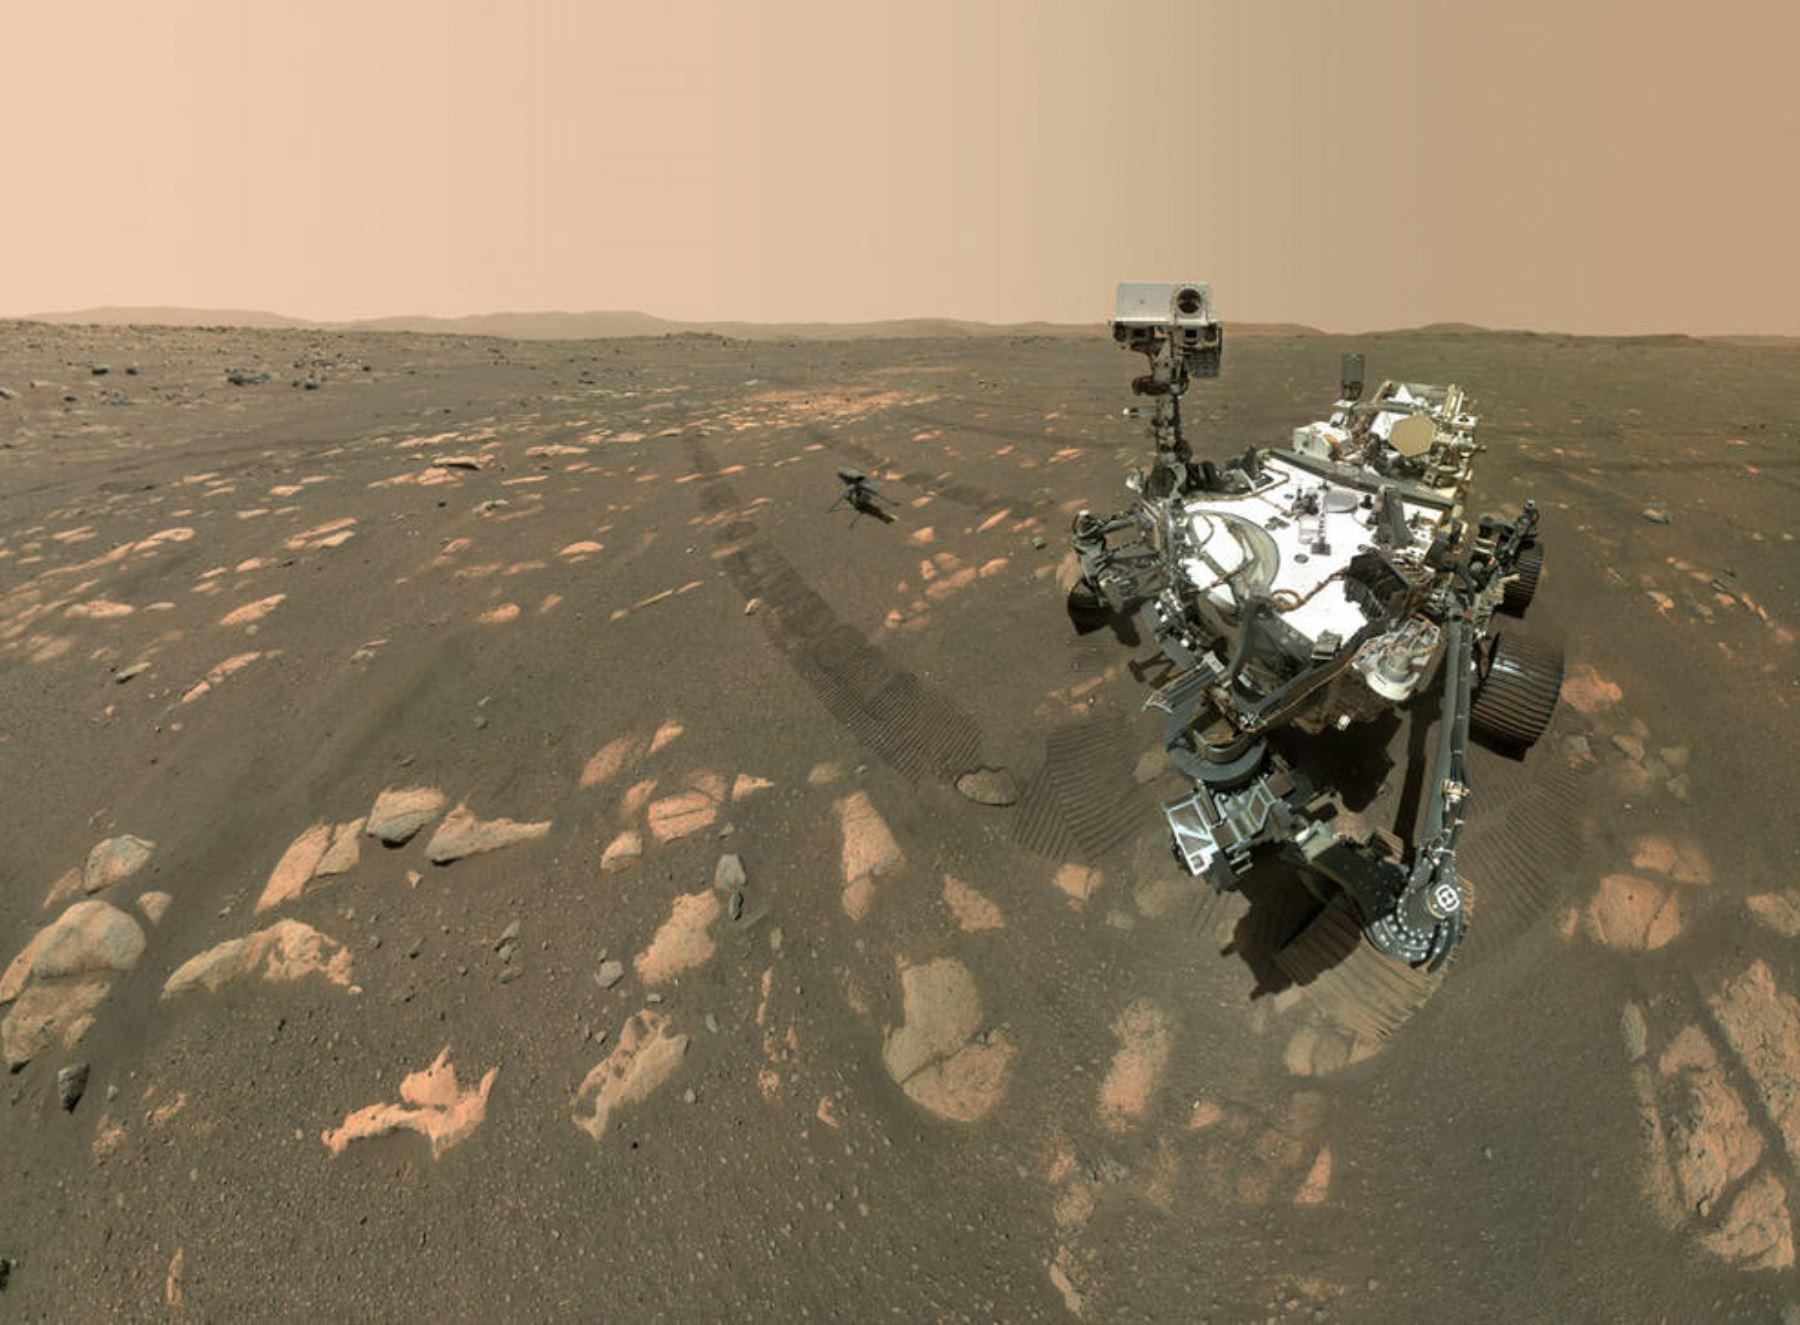 El selfie de Perseverance con Ingenuity se compone de 62 imágenes individuales unidas en la Tierra; fueron obtenidas secuencialmente mientras el rover miraba al helicóptero, y luego a la cámara WATSON. Créditos: NASA/JPL-Caltech/MSSS.